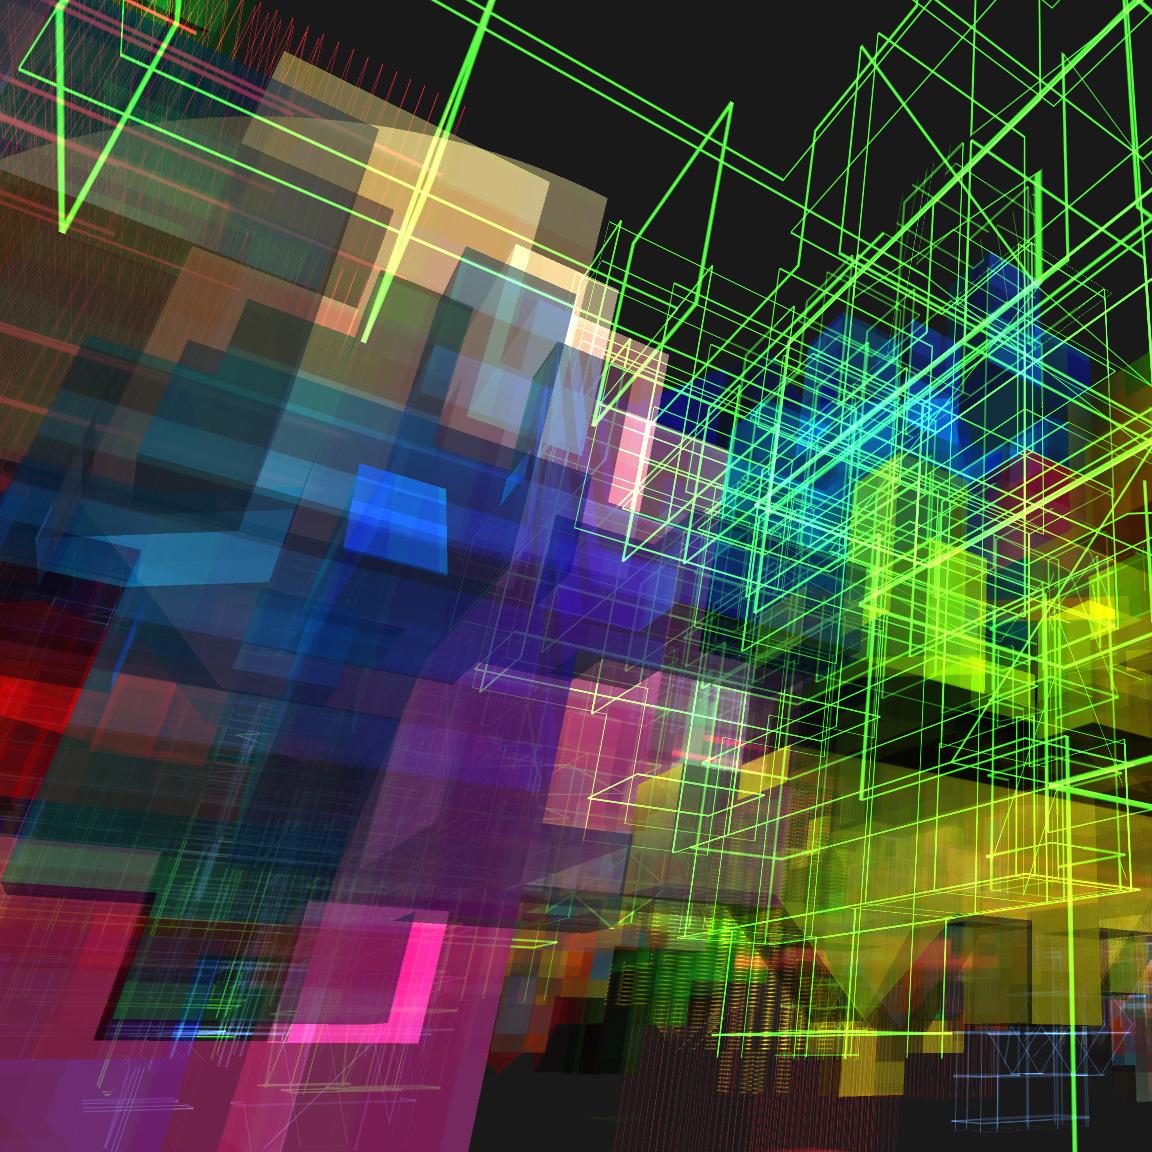 «Data City» – nouvelle exposition collective au Centre des Arts d'Enghien-Les-Bains du 21 avril au 13 juillet 2017